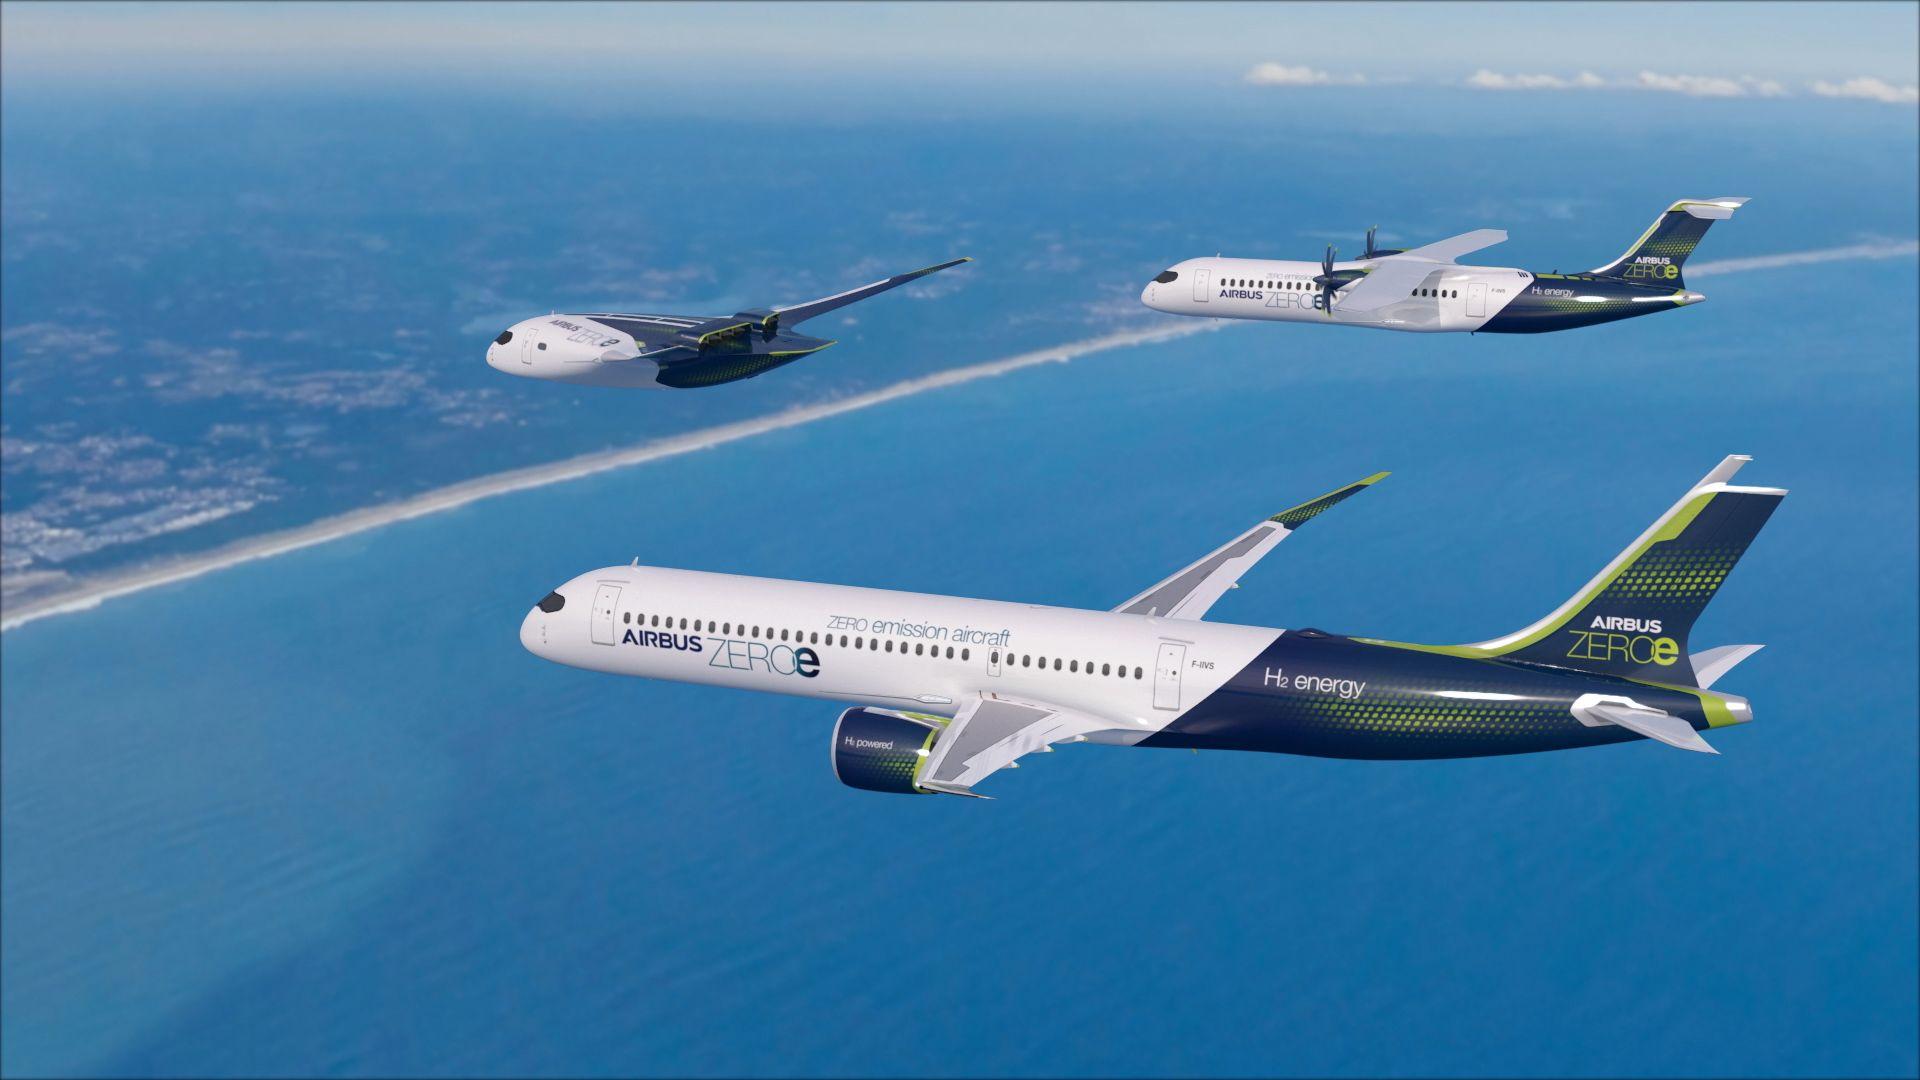 Samoloty zeroemisyjne od Airbusa - wizualizacja